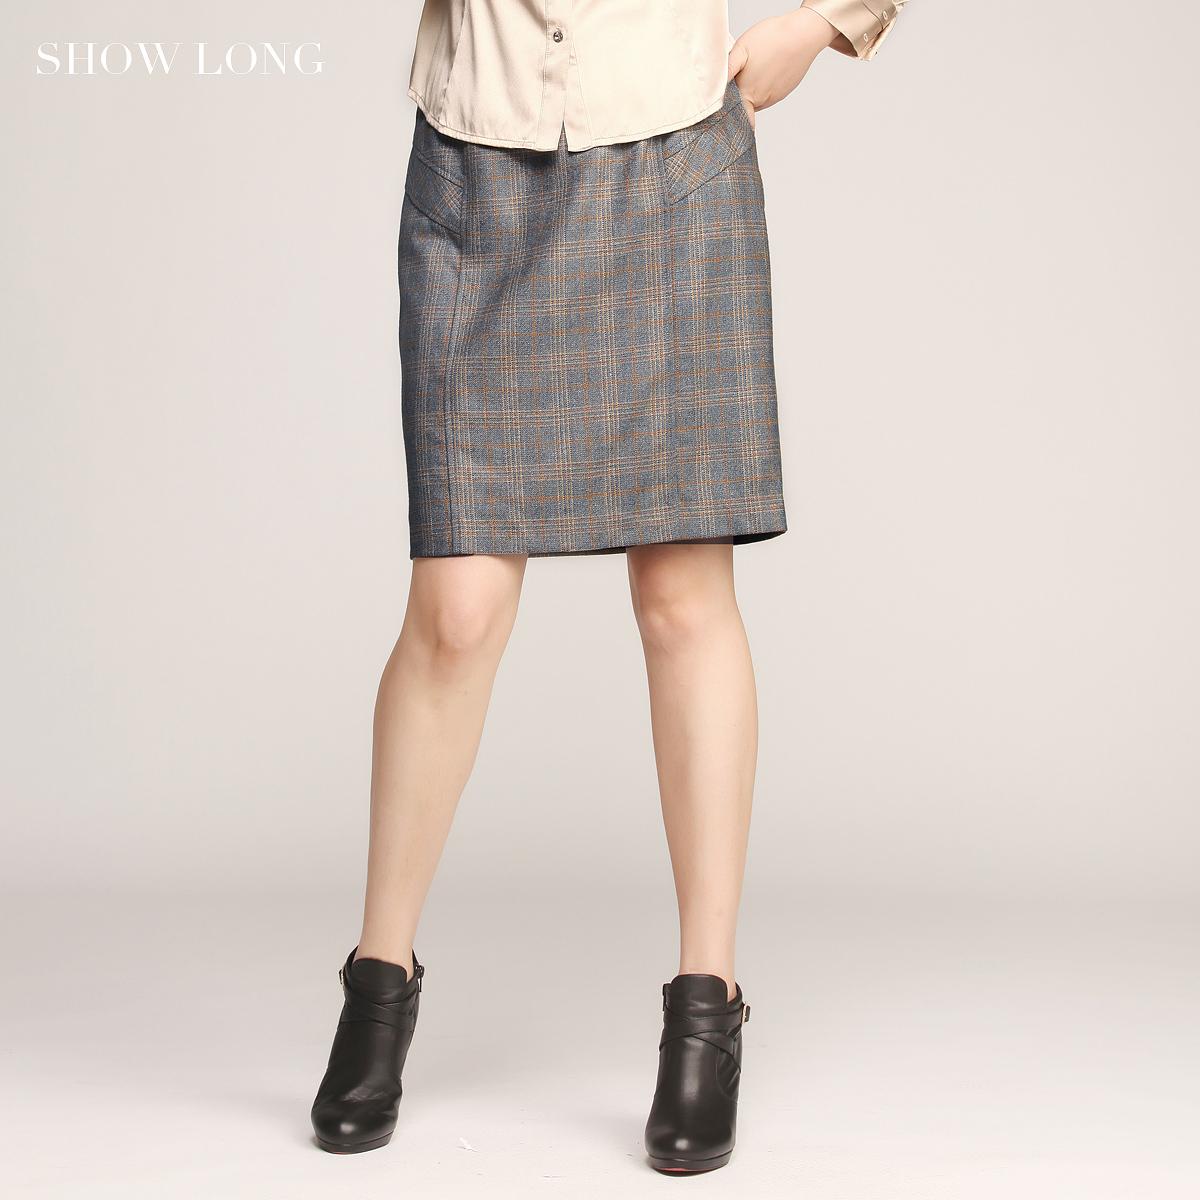 Show long / Choulan